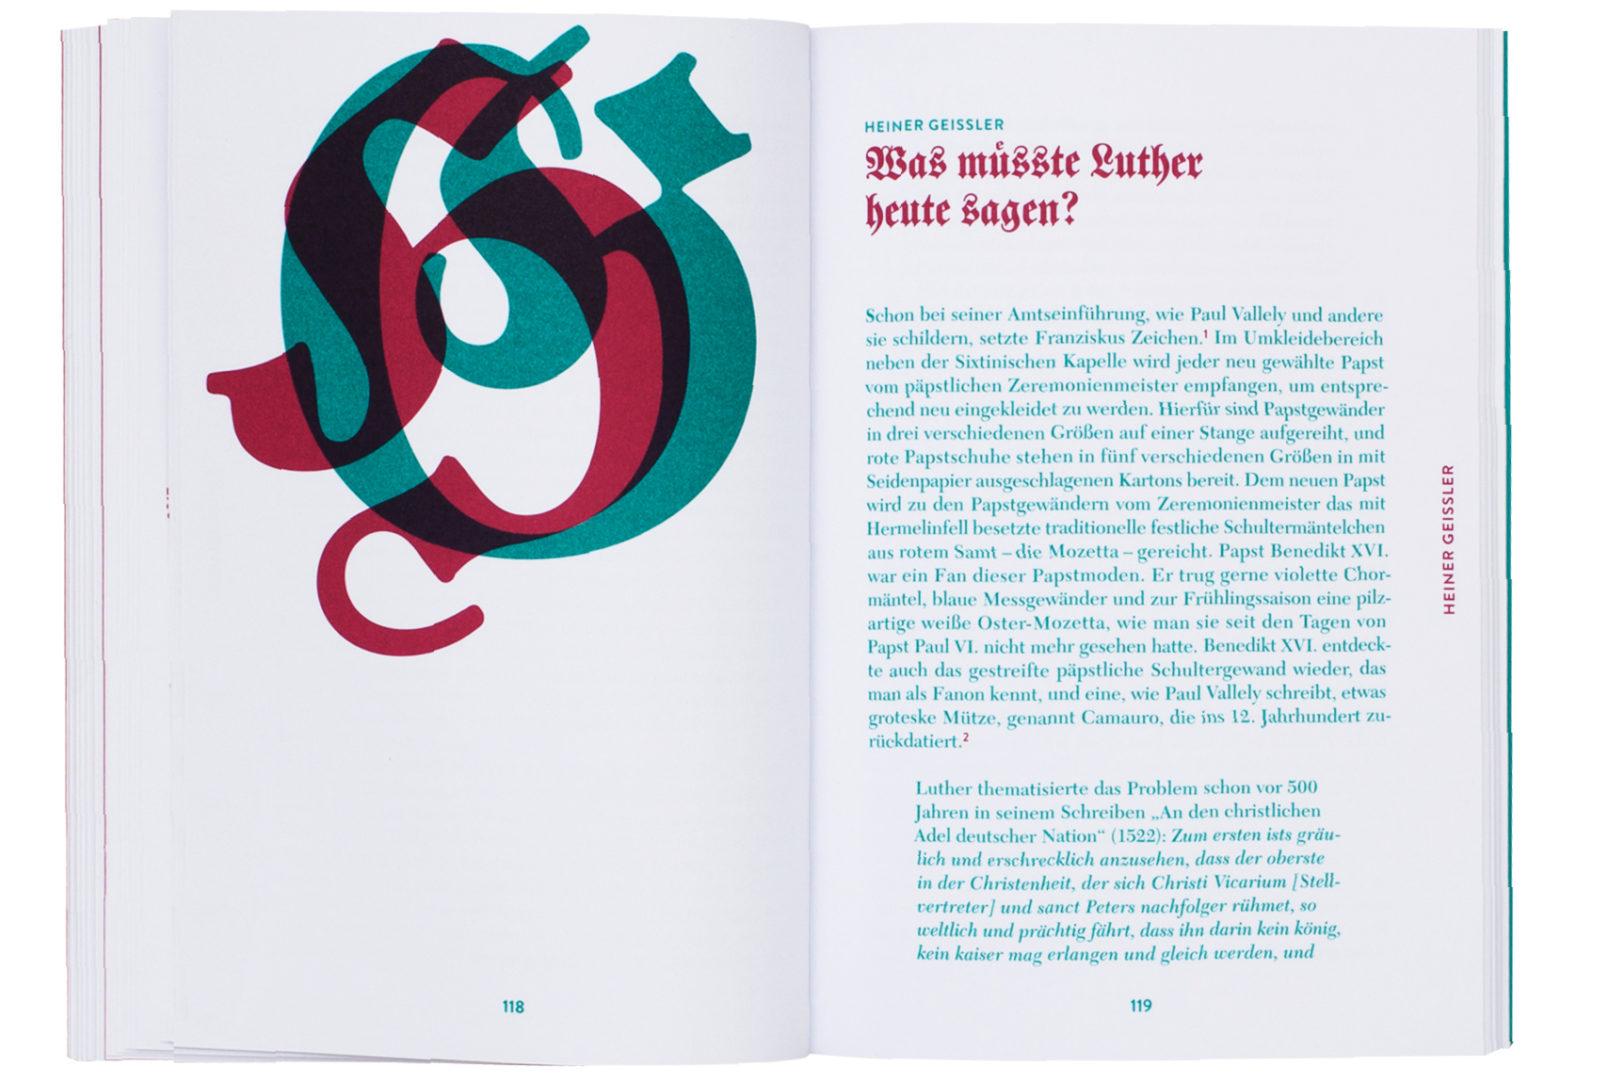 http://e-o-t.de/wordpress/wp-content/uploads/2017/12/e-o-t-2017-Books-ref-leselust-15.jpg